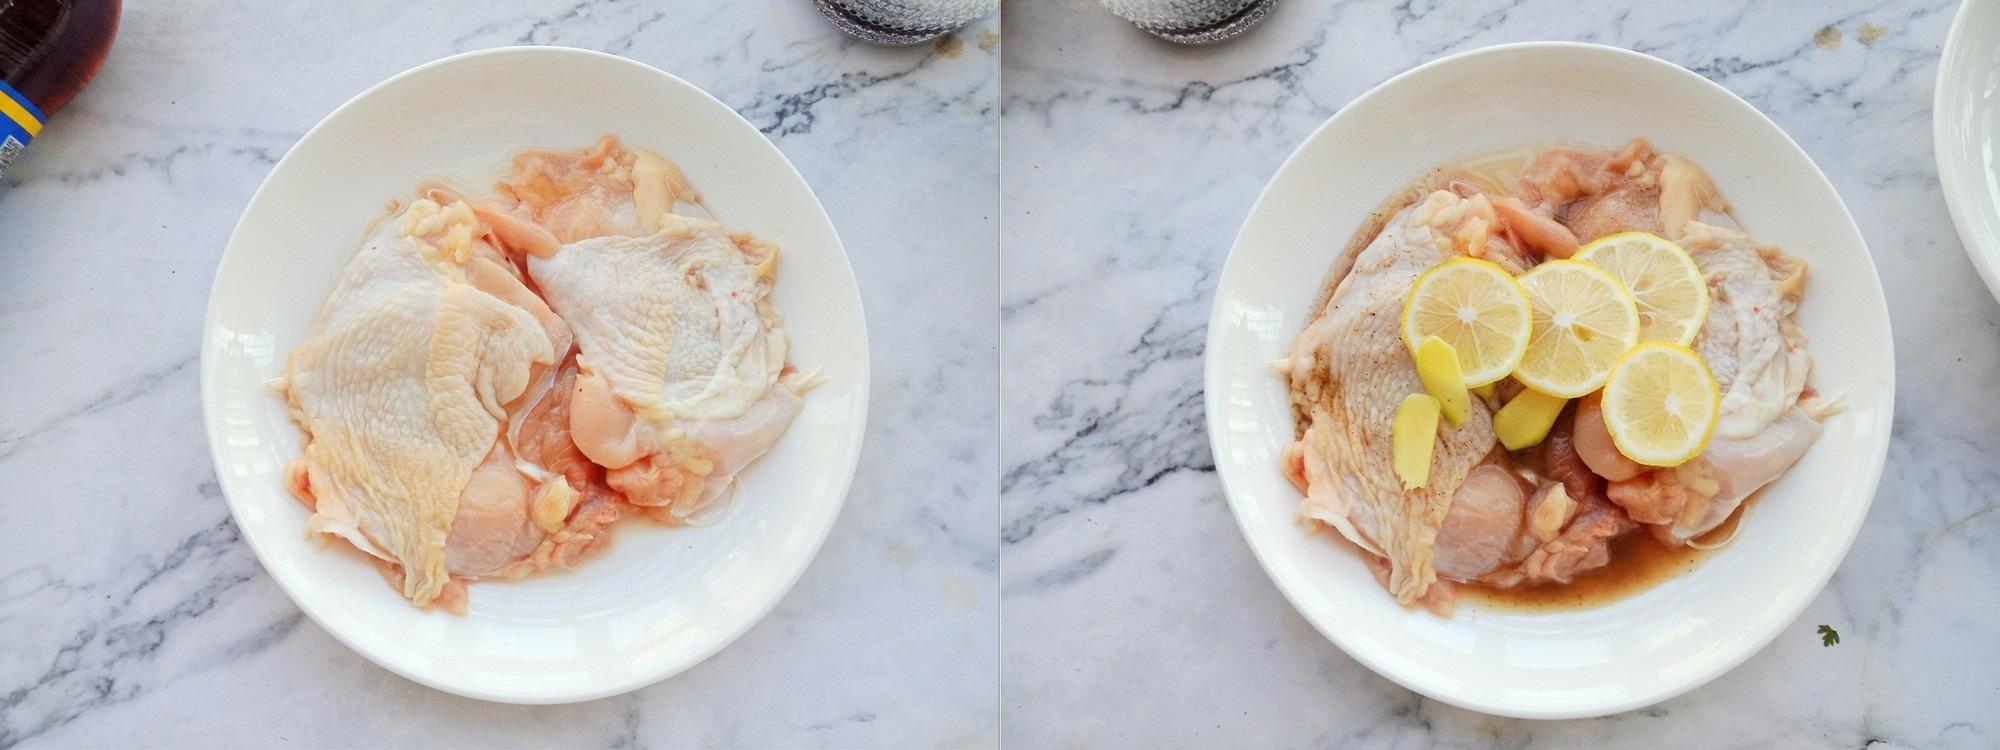 Món ngon mới toanh từ thịt gà đổi món cho cả nhà dịp cuối tuần - Ảnh 1